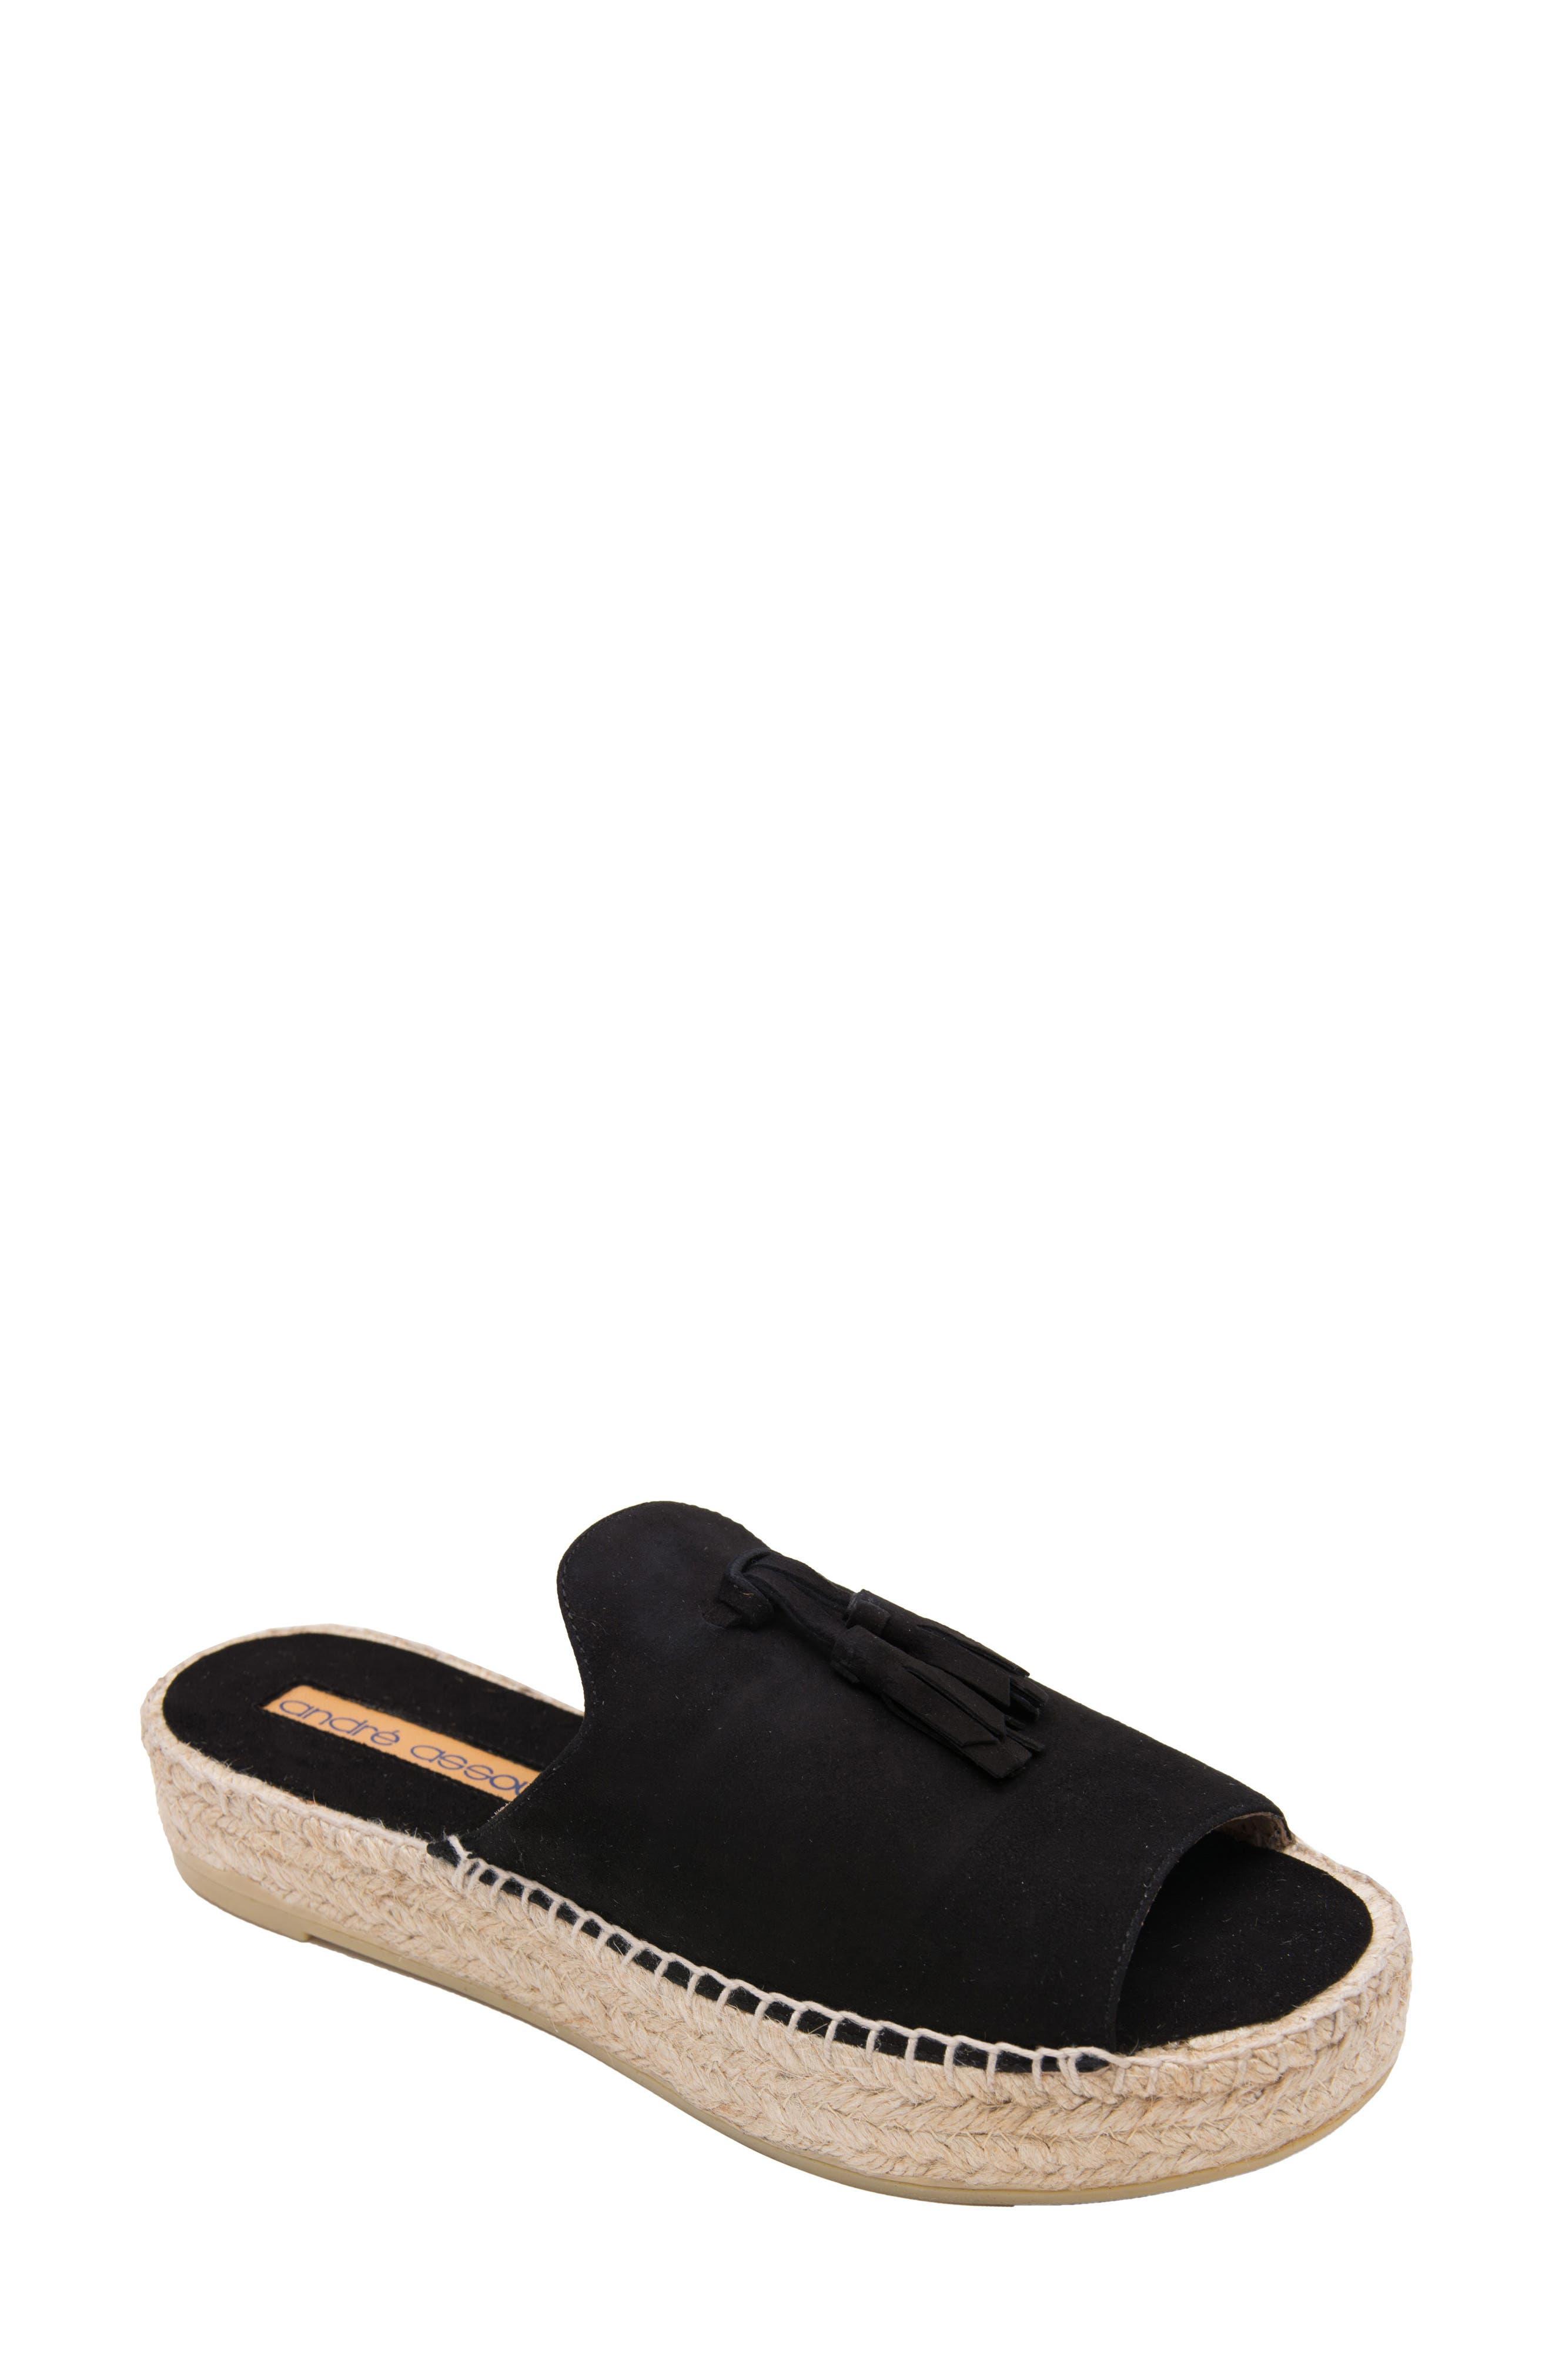 759fb23c808 Women's Andre Assous Sandals